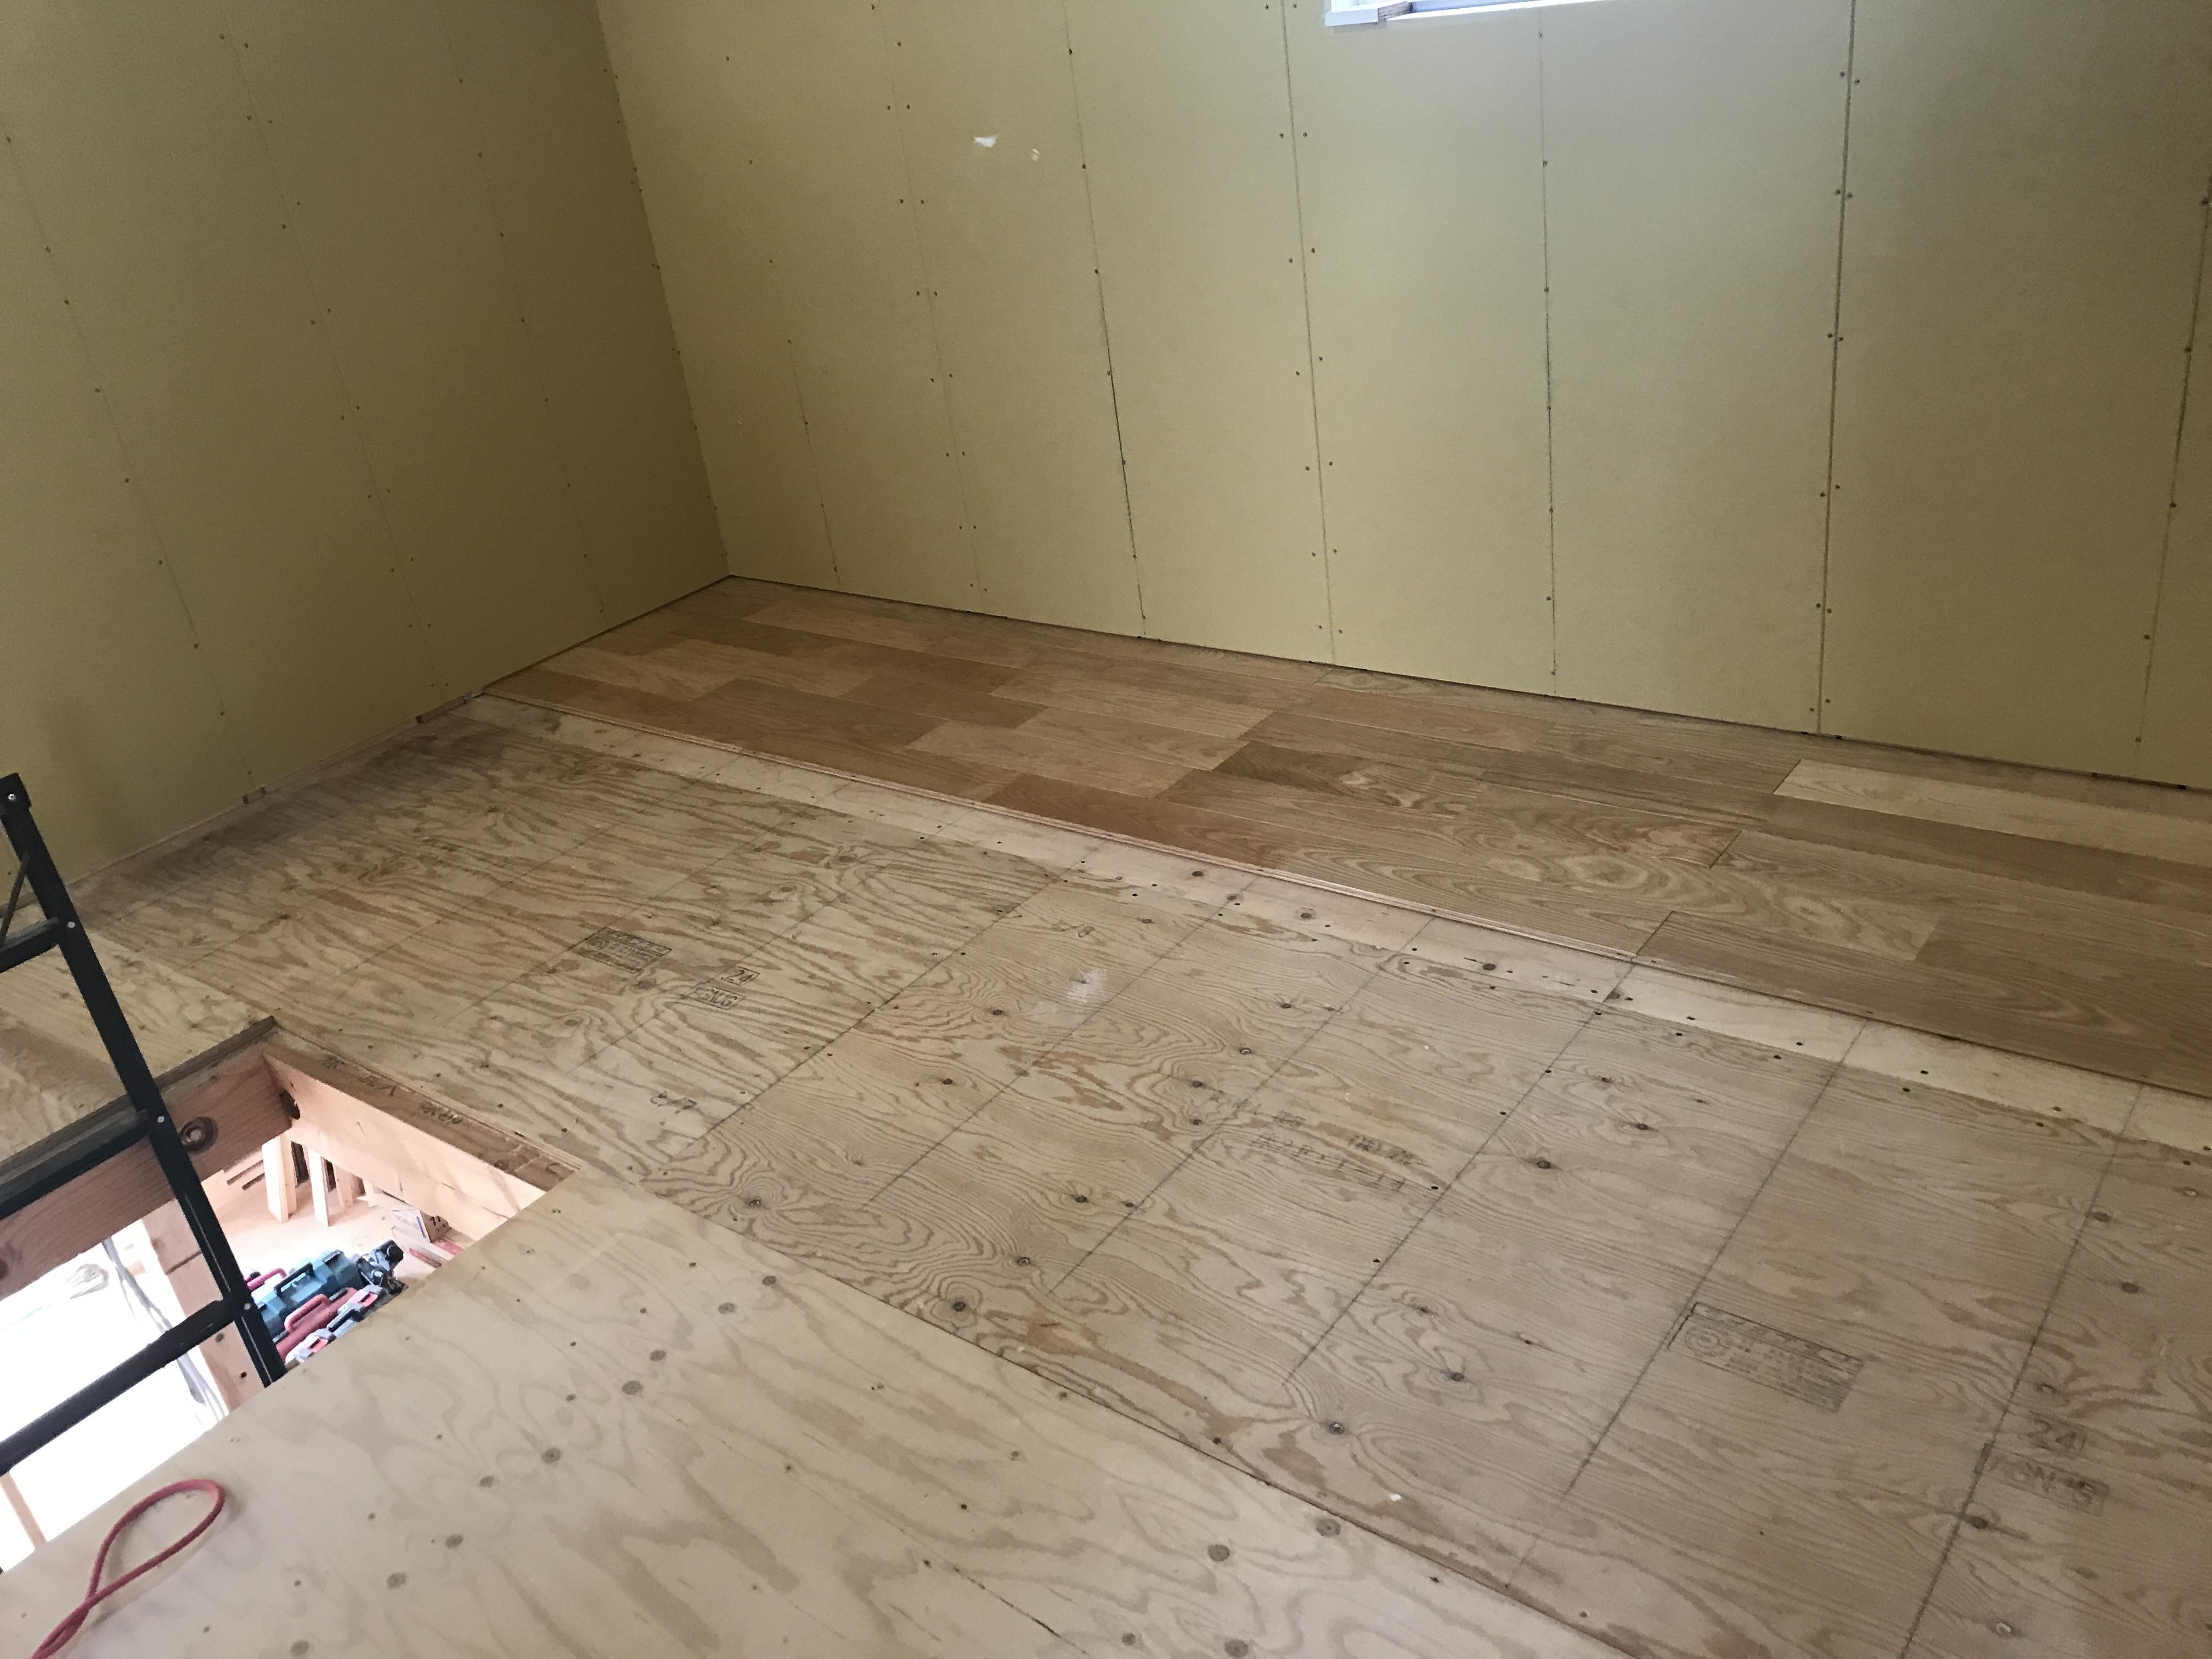 無垢タモ床材貼作業進行中です!